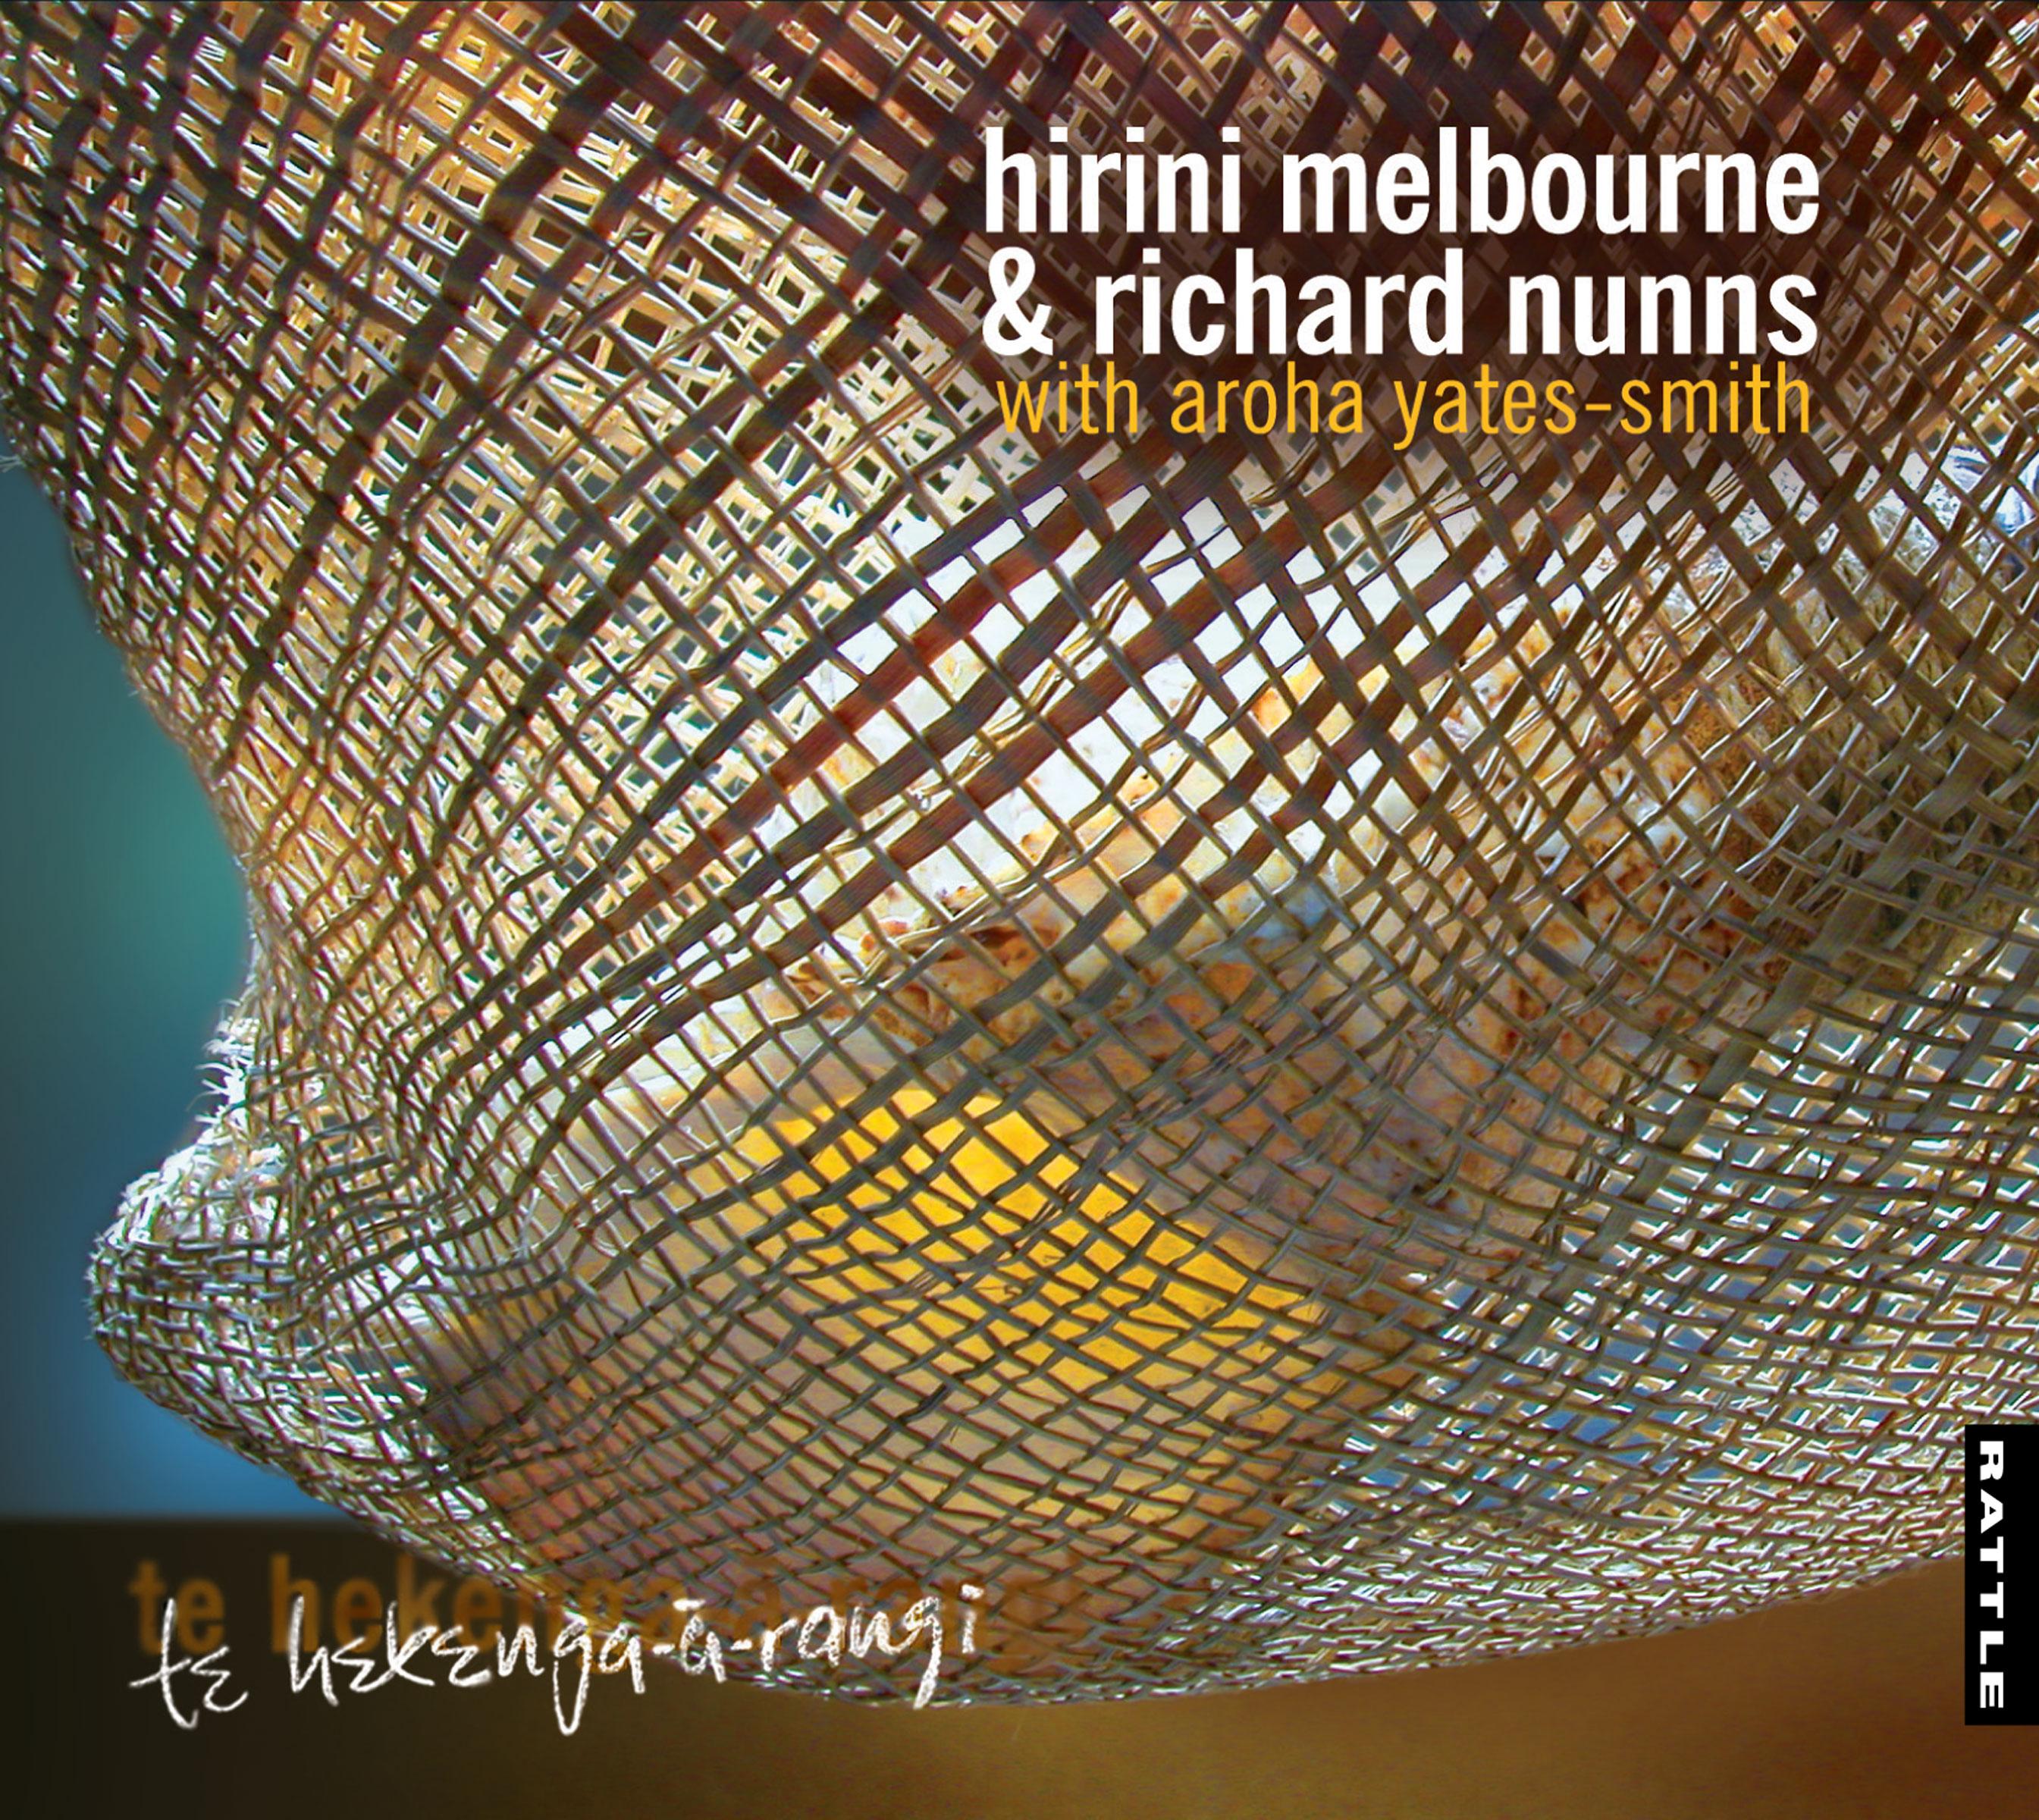 Hirini Melbourne and Richard Nunns | Te hekenga-a-rangi - downloadable MP3 ALBUM